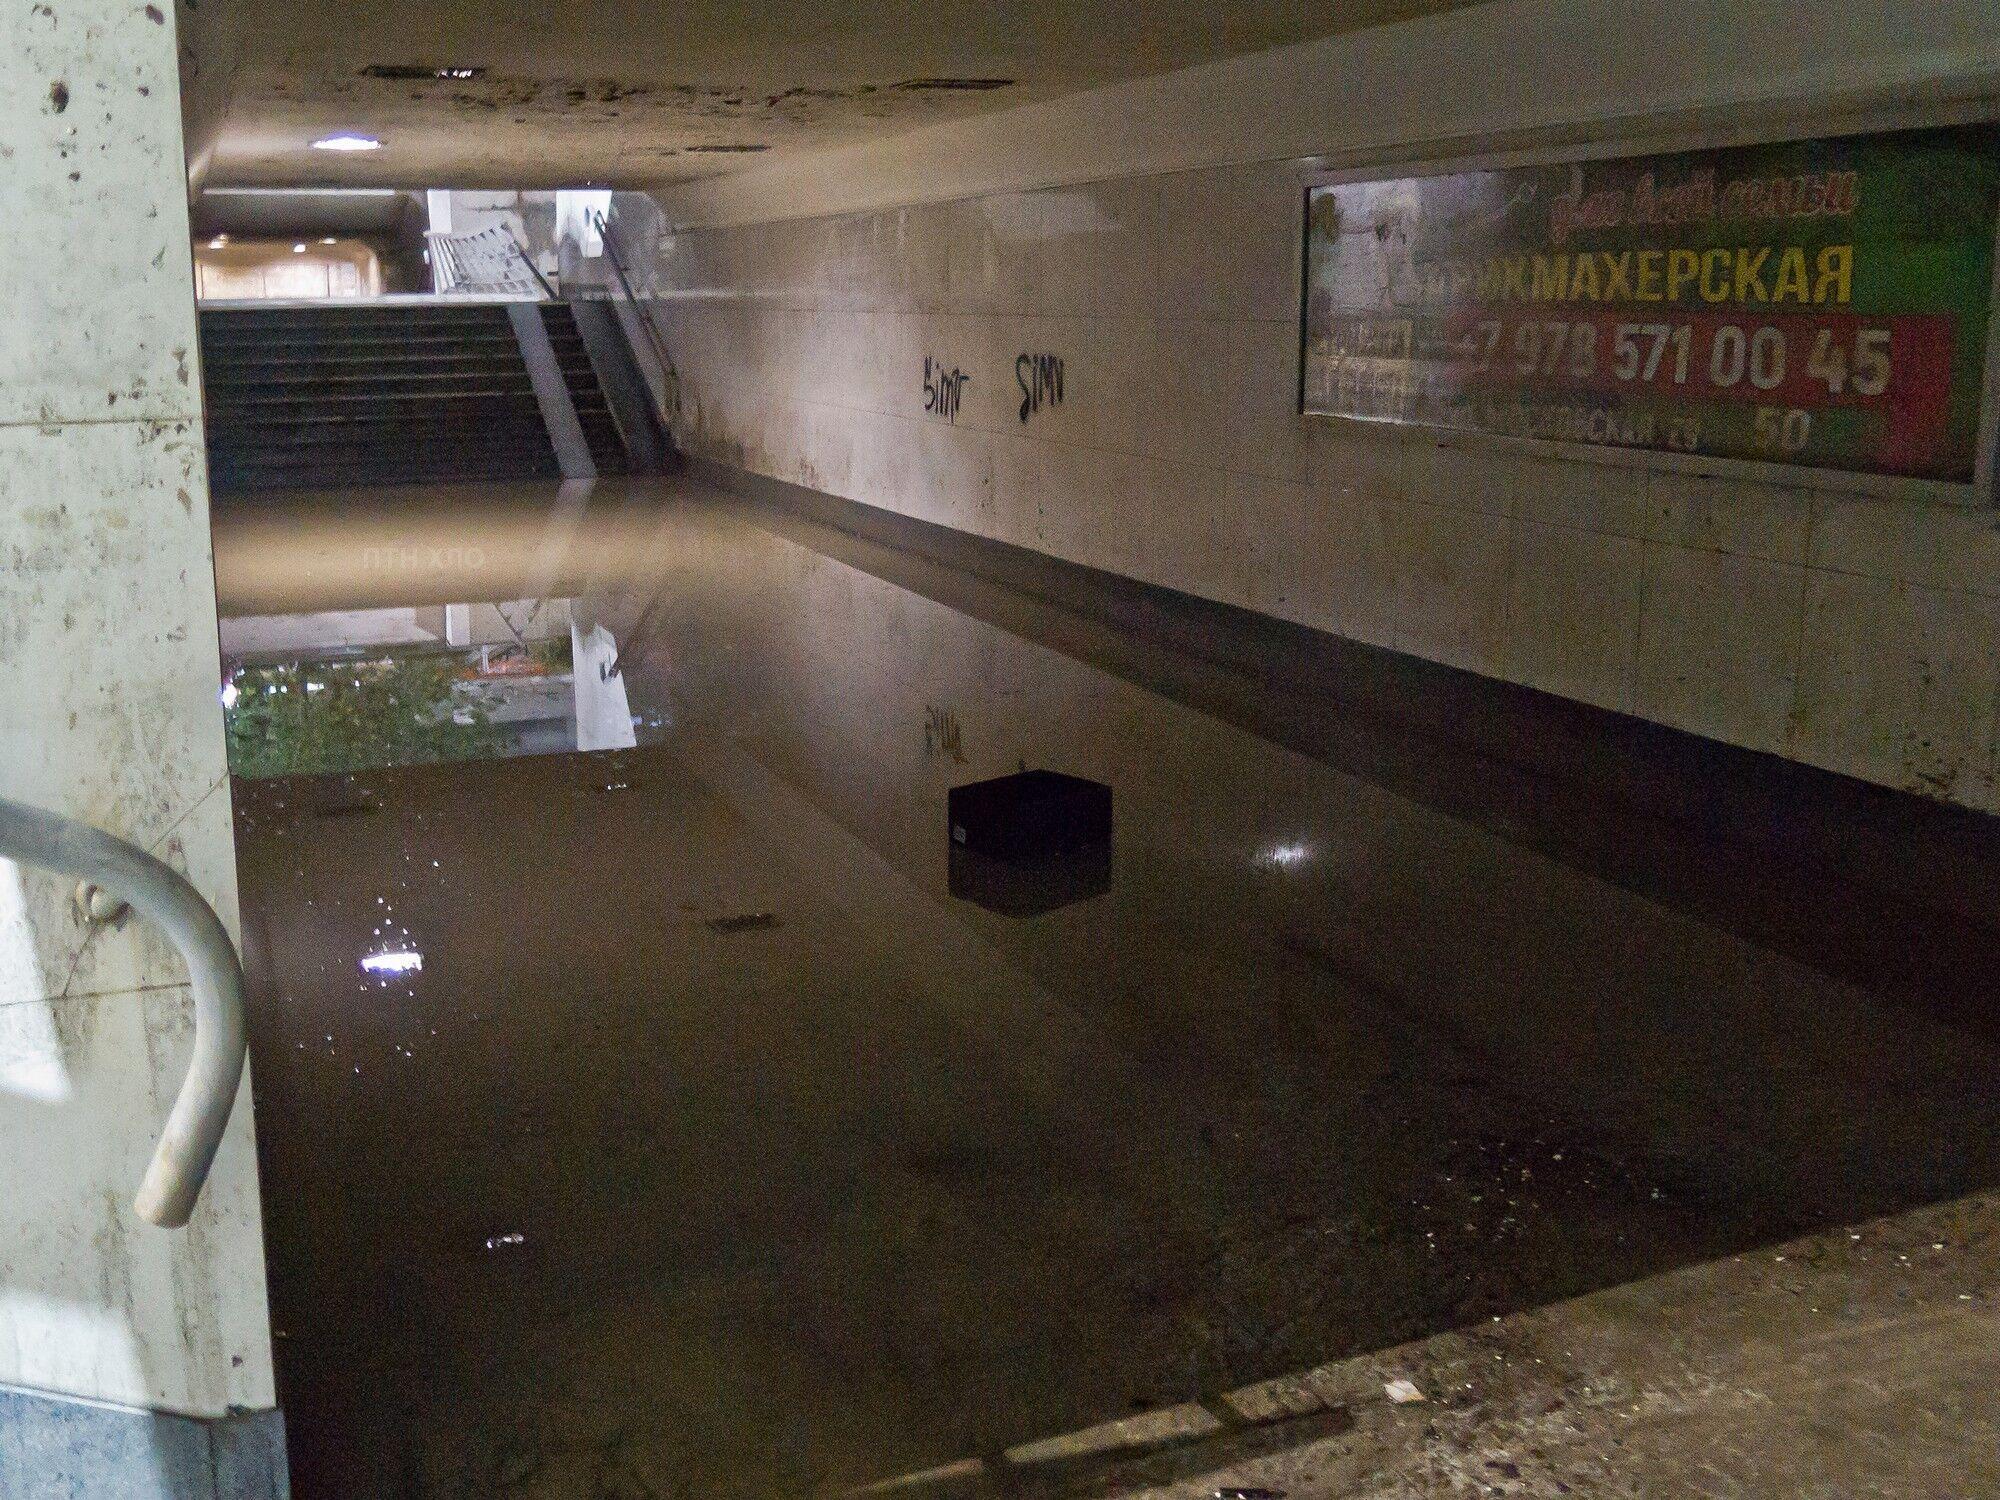 """И """"московская"""" часть подземного перехода к центральному рынку продолжает напоминать олимпийский бассейн. Под """"киевской"""" частью перехода сухо."""